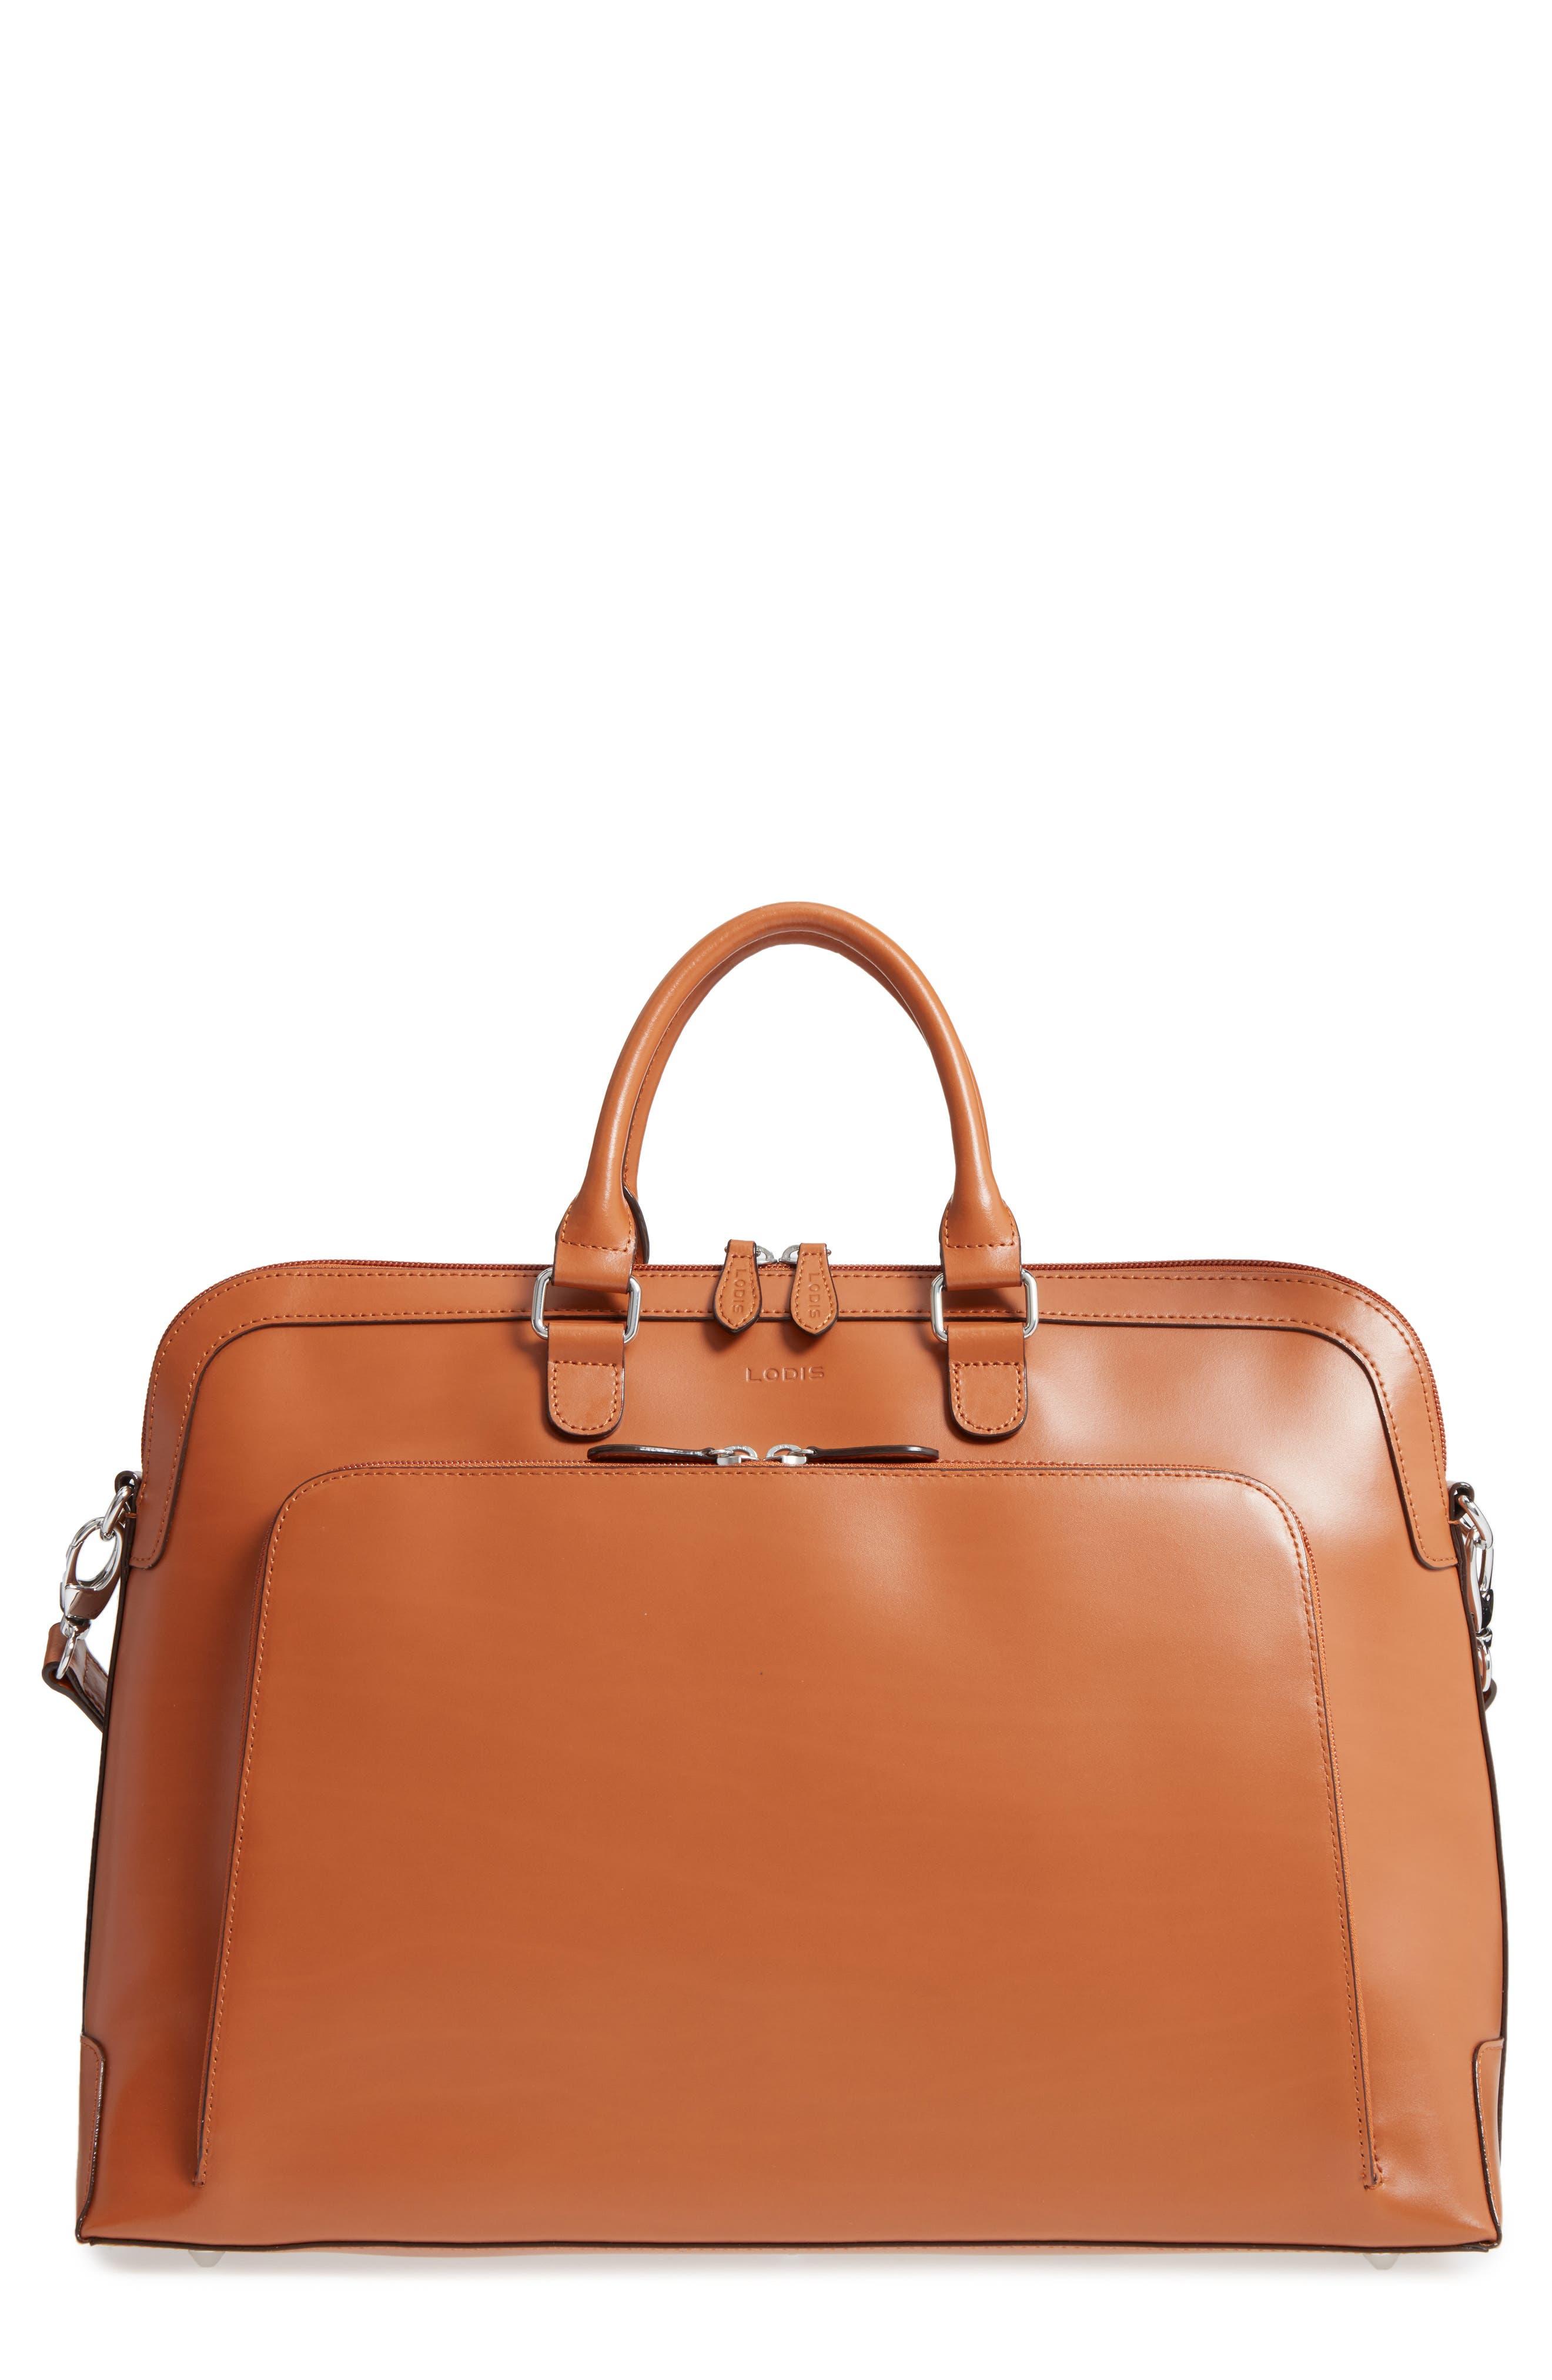 Lodis Brera Leather Briefcase